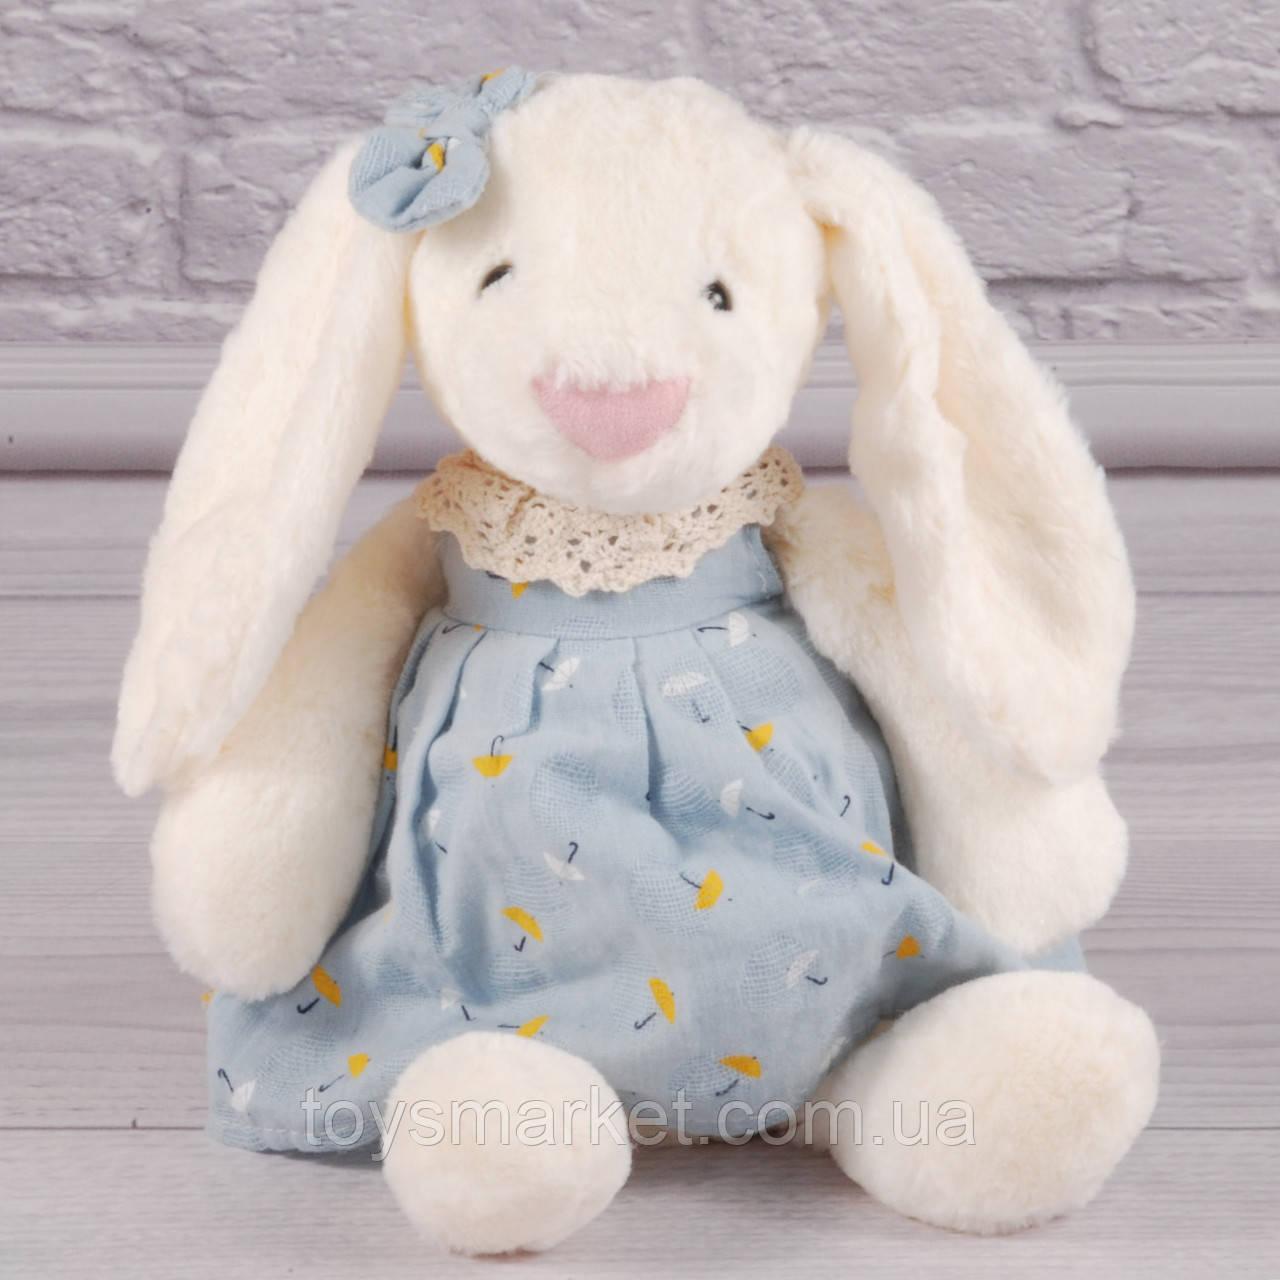 """Мягкая игрушка Зайчик """"Милашка"""", плюшевый заяц"""